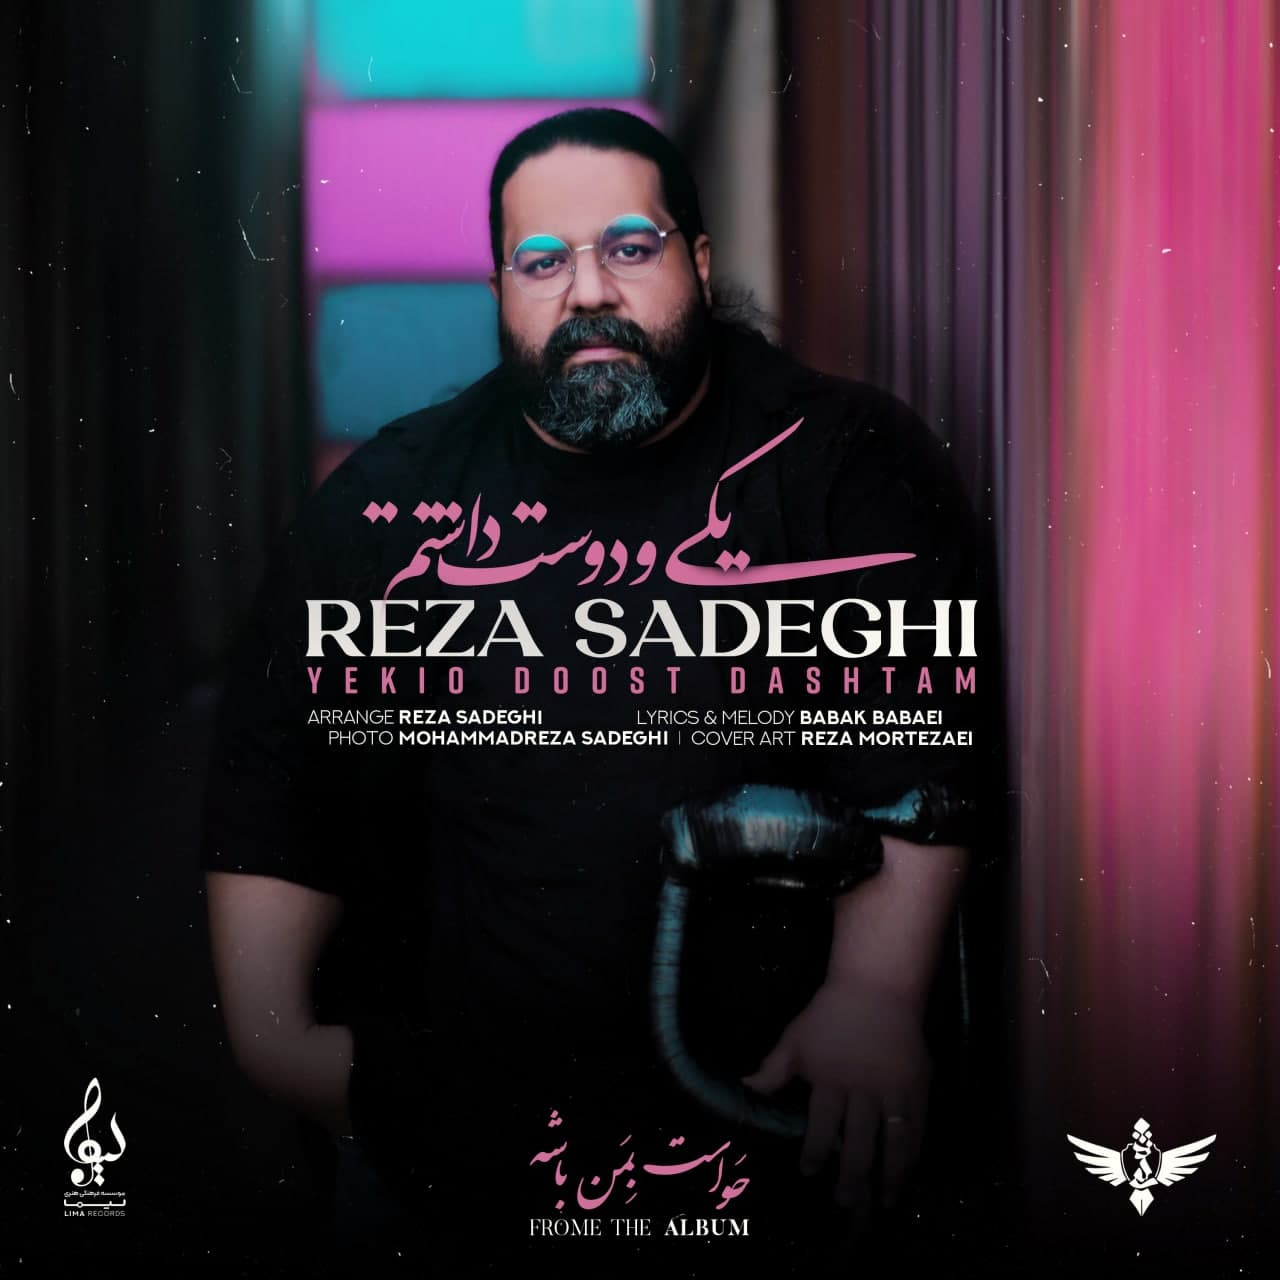 Reza Sadeghi - Yekio Doost Dashtam